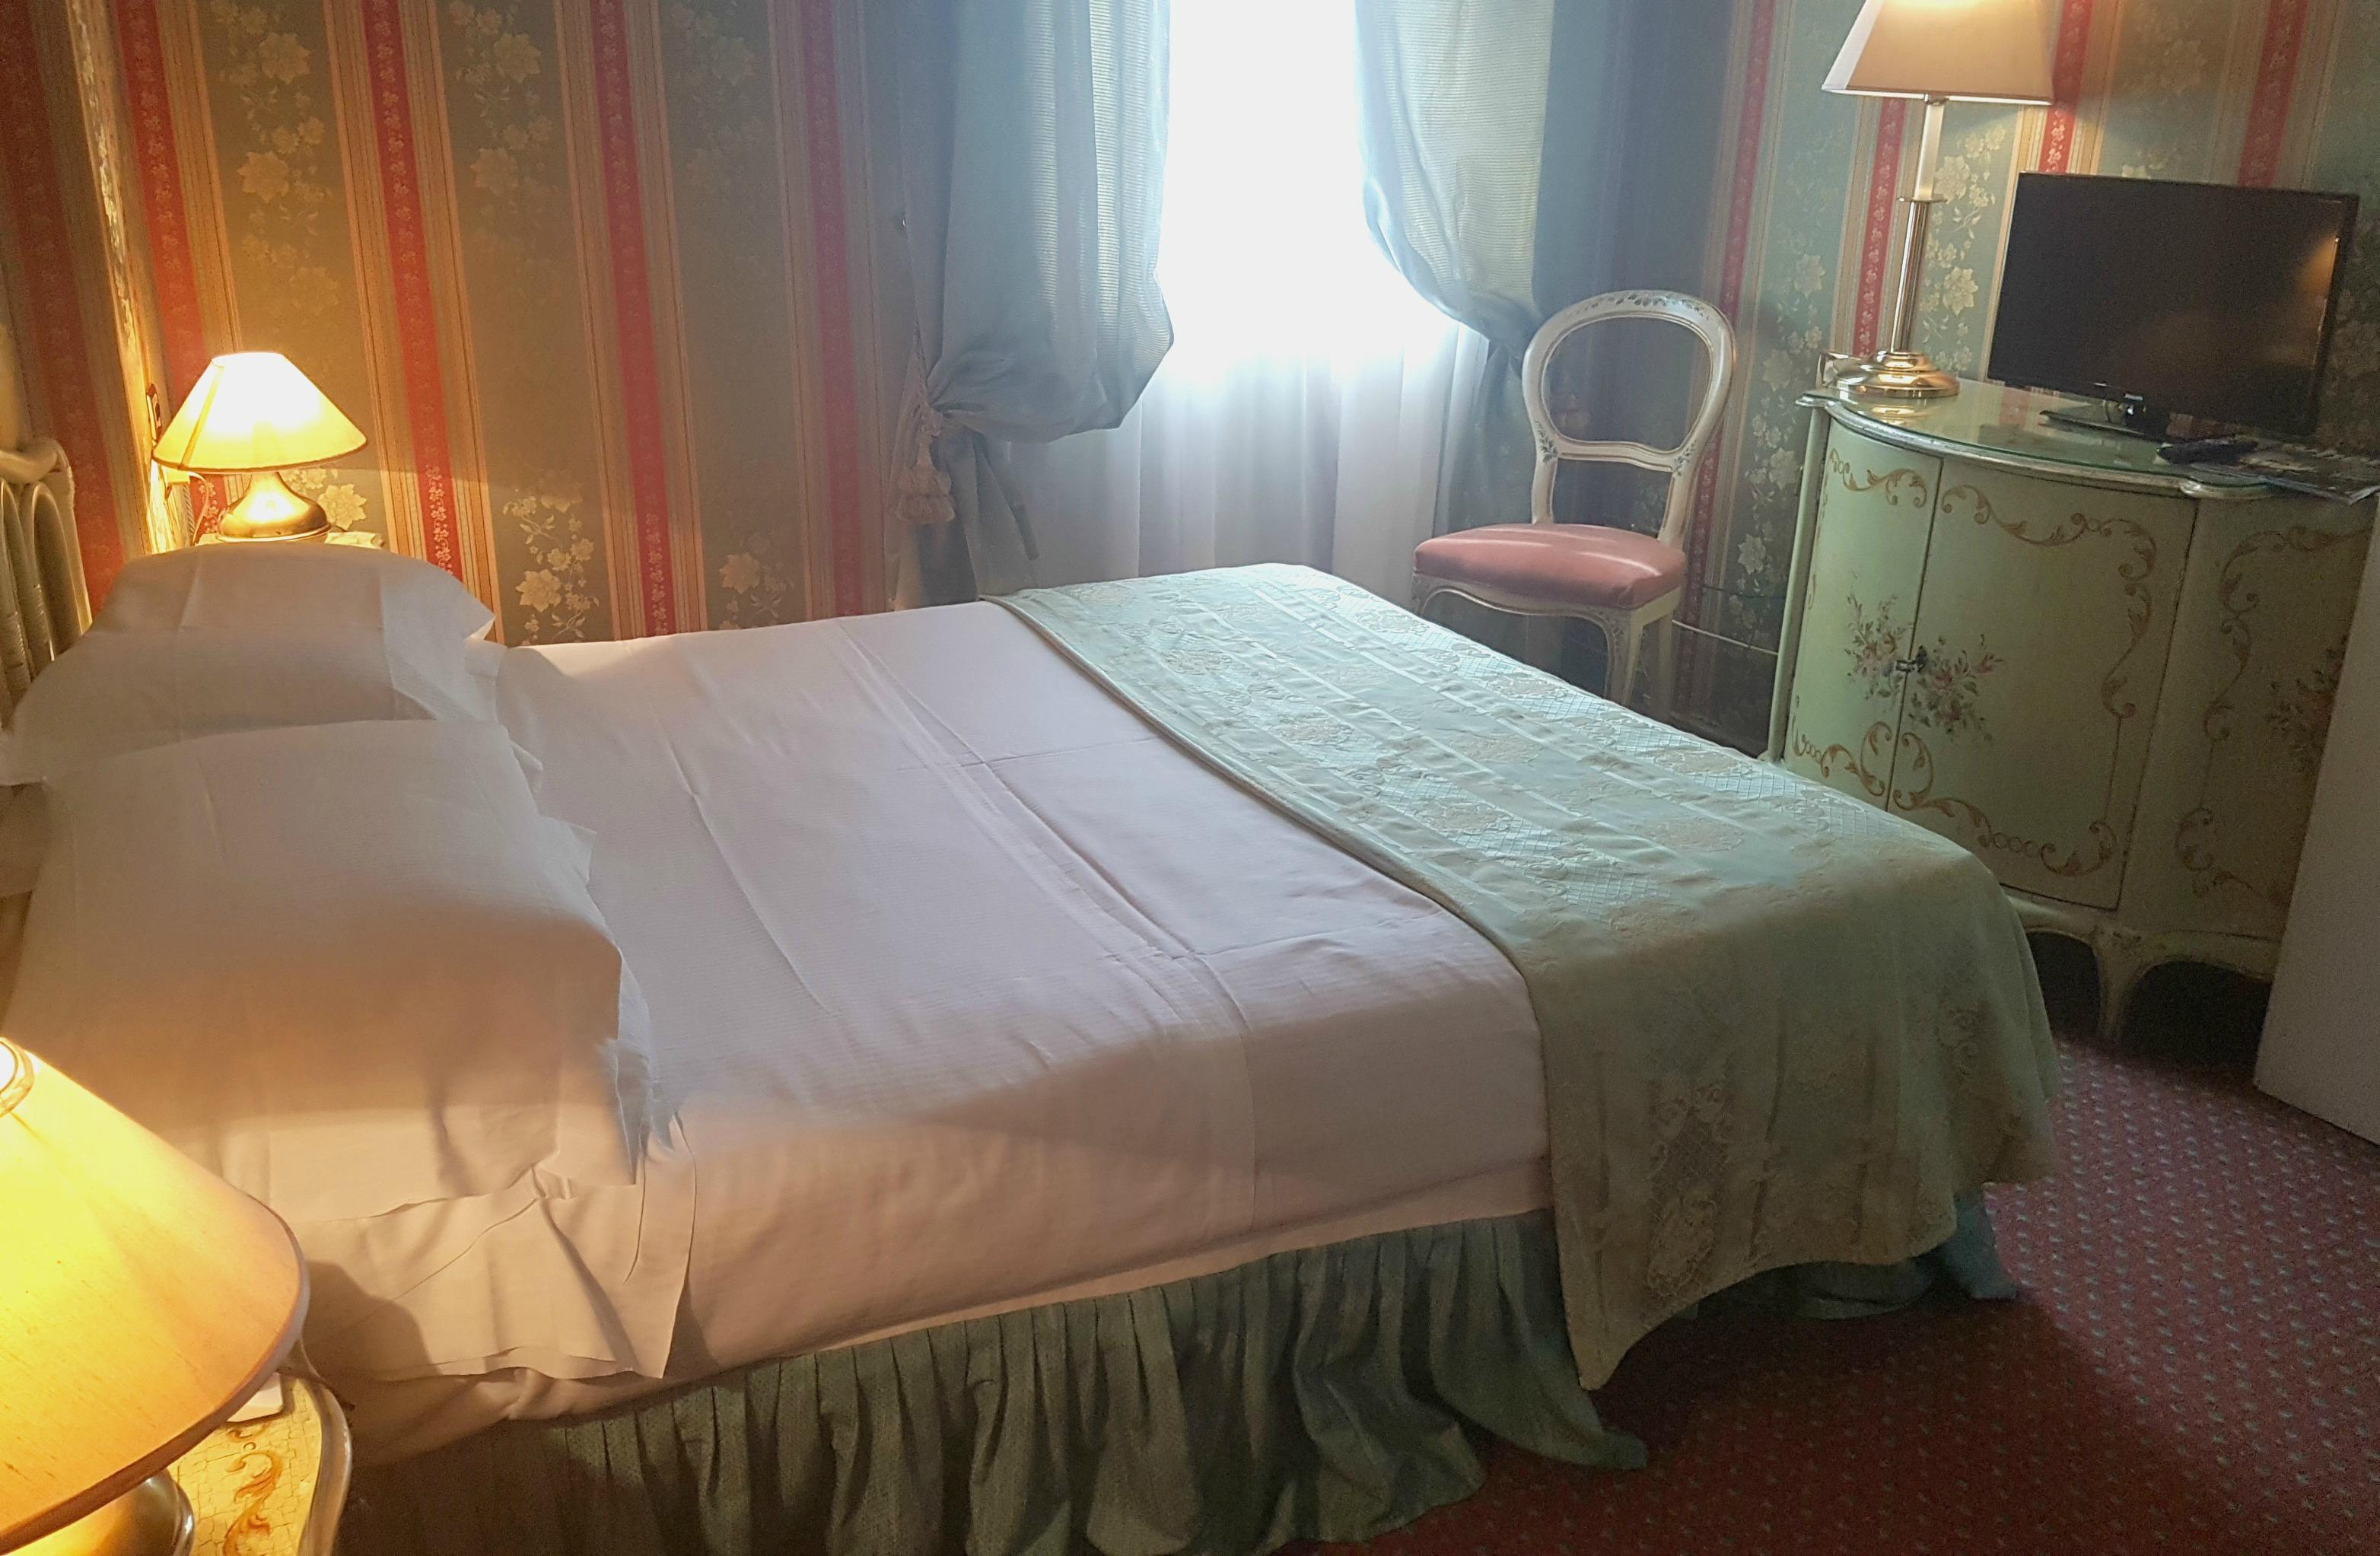 Descrizione camera da letto francese camera da letto - Descrizione della camera da letto ...